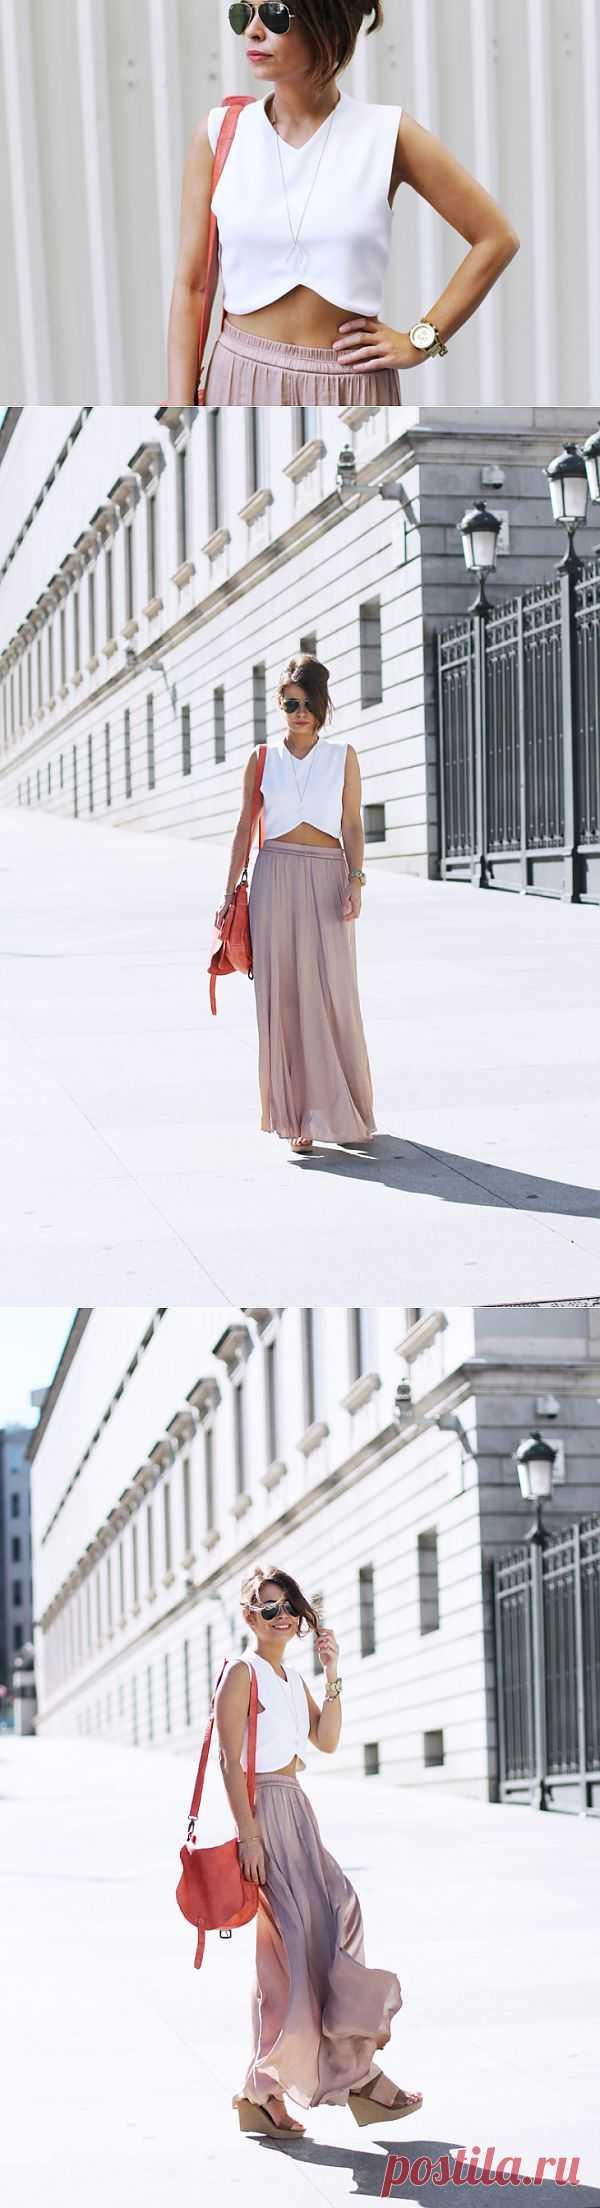 Топ с фигурным низом / Детали / Модный сайт о стильной переделке одежды и интерьера